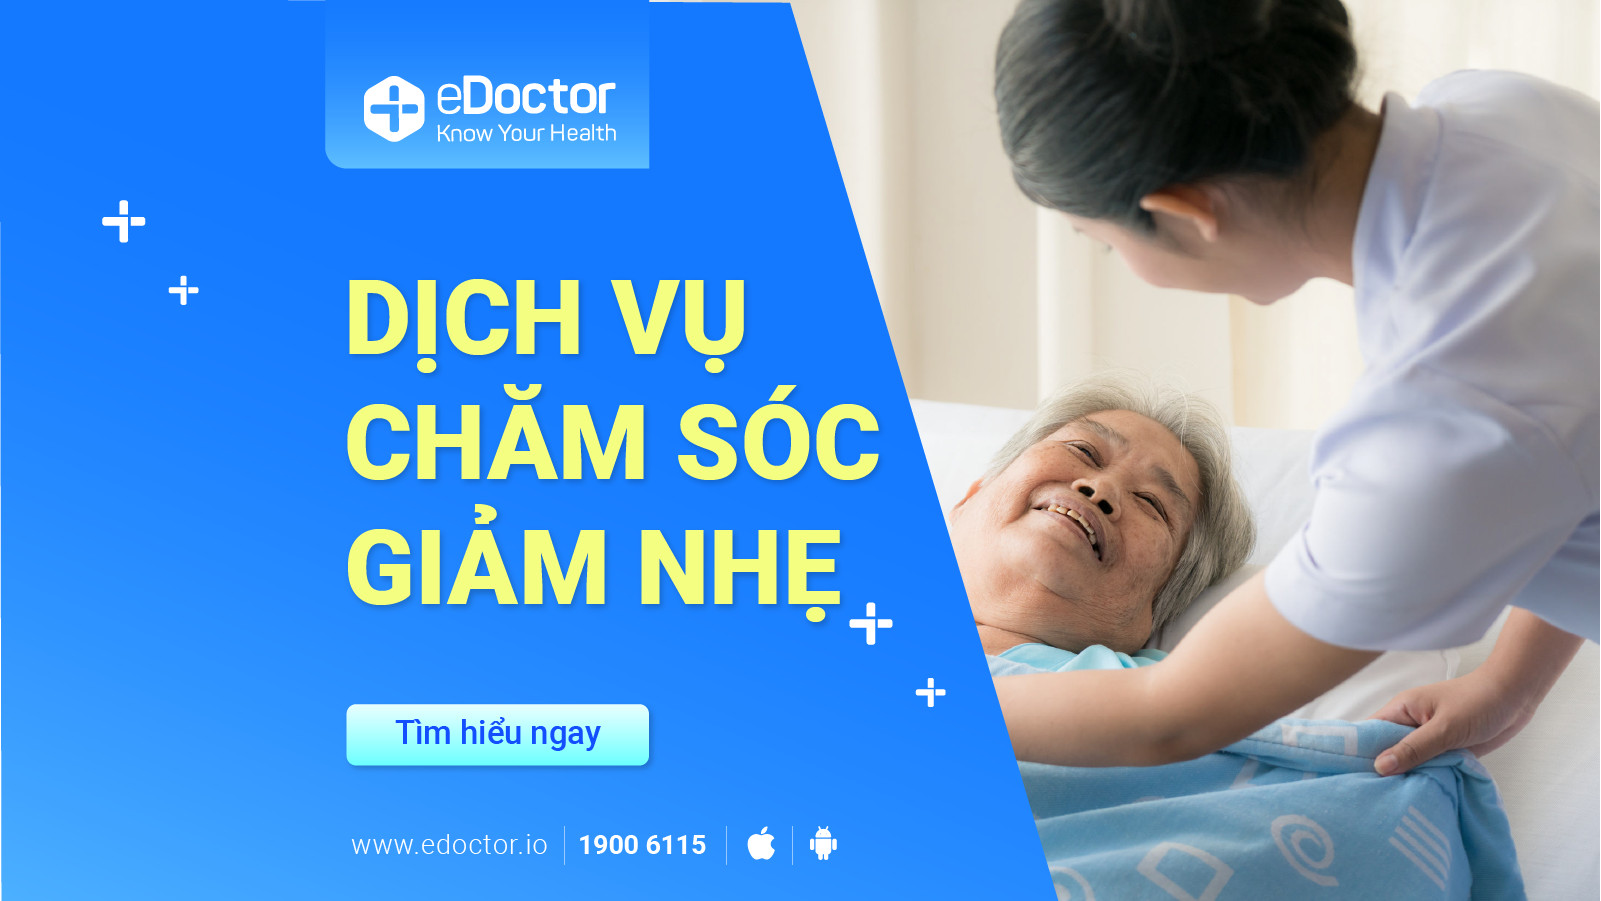 eDoctor - Chăm sóc giảm nhẹ là gì? Ai là người cần được chăm sóc giảm nhẹ?